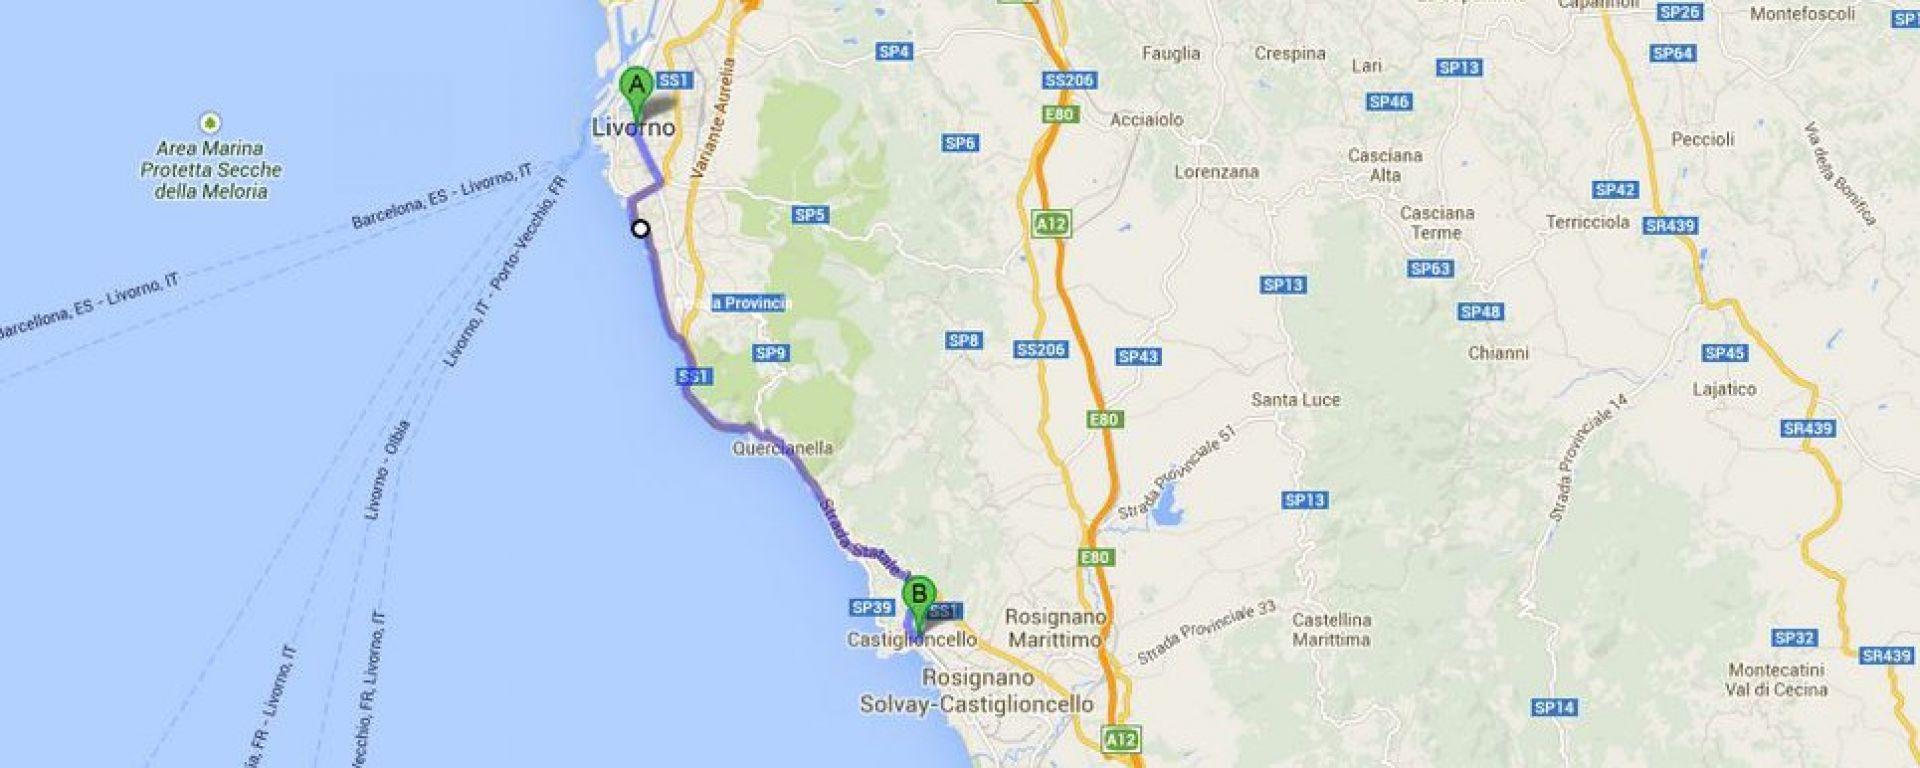 Livorno - Castiglioncello